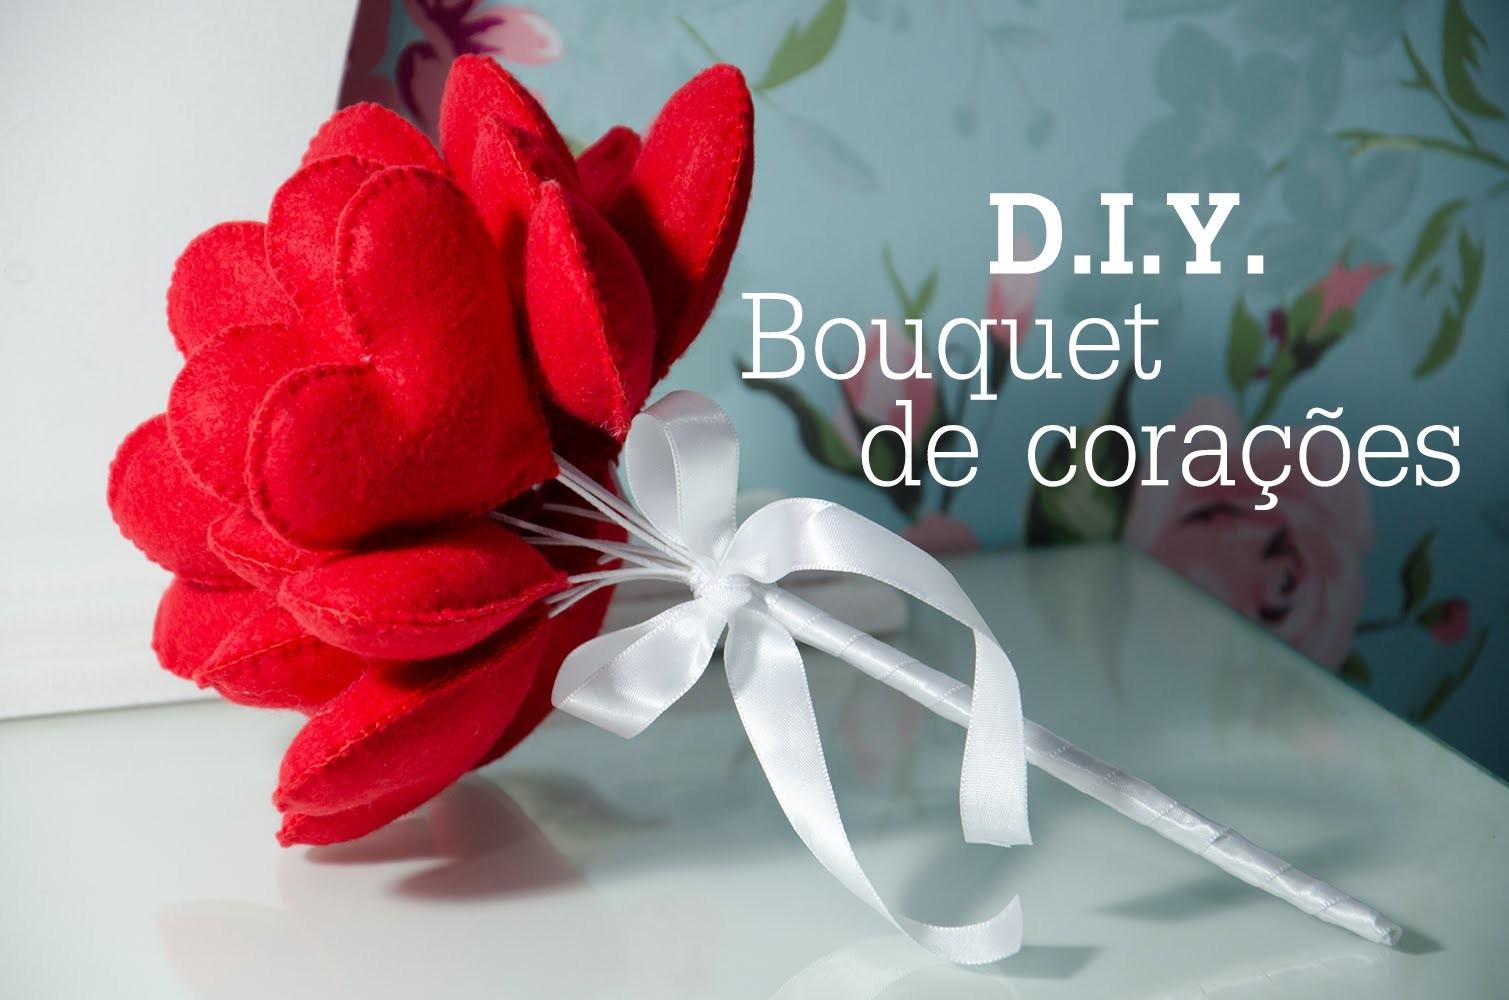 DIY Bouquet de corações